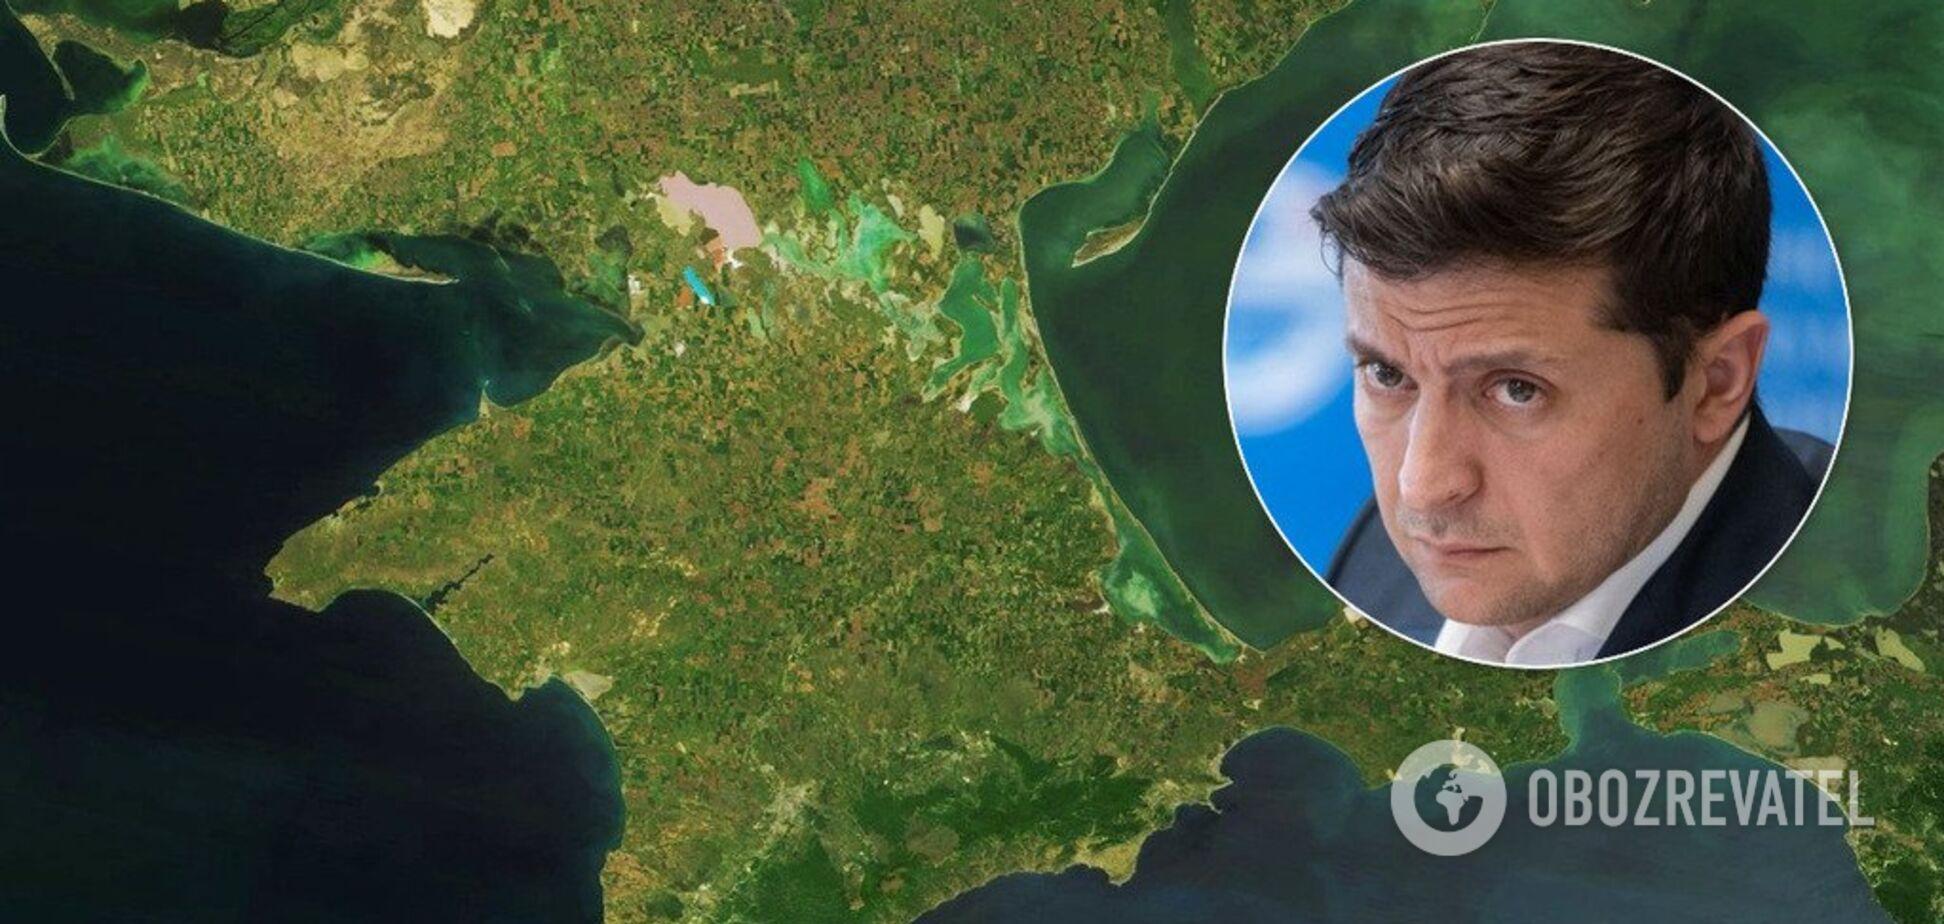 Зеленський розкрив план щодо повернення Криму: у Кремлі відповіли